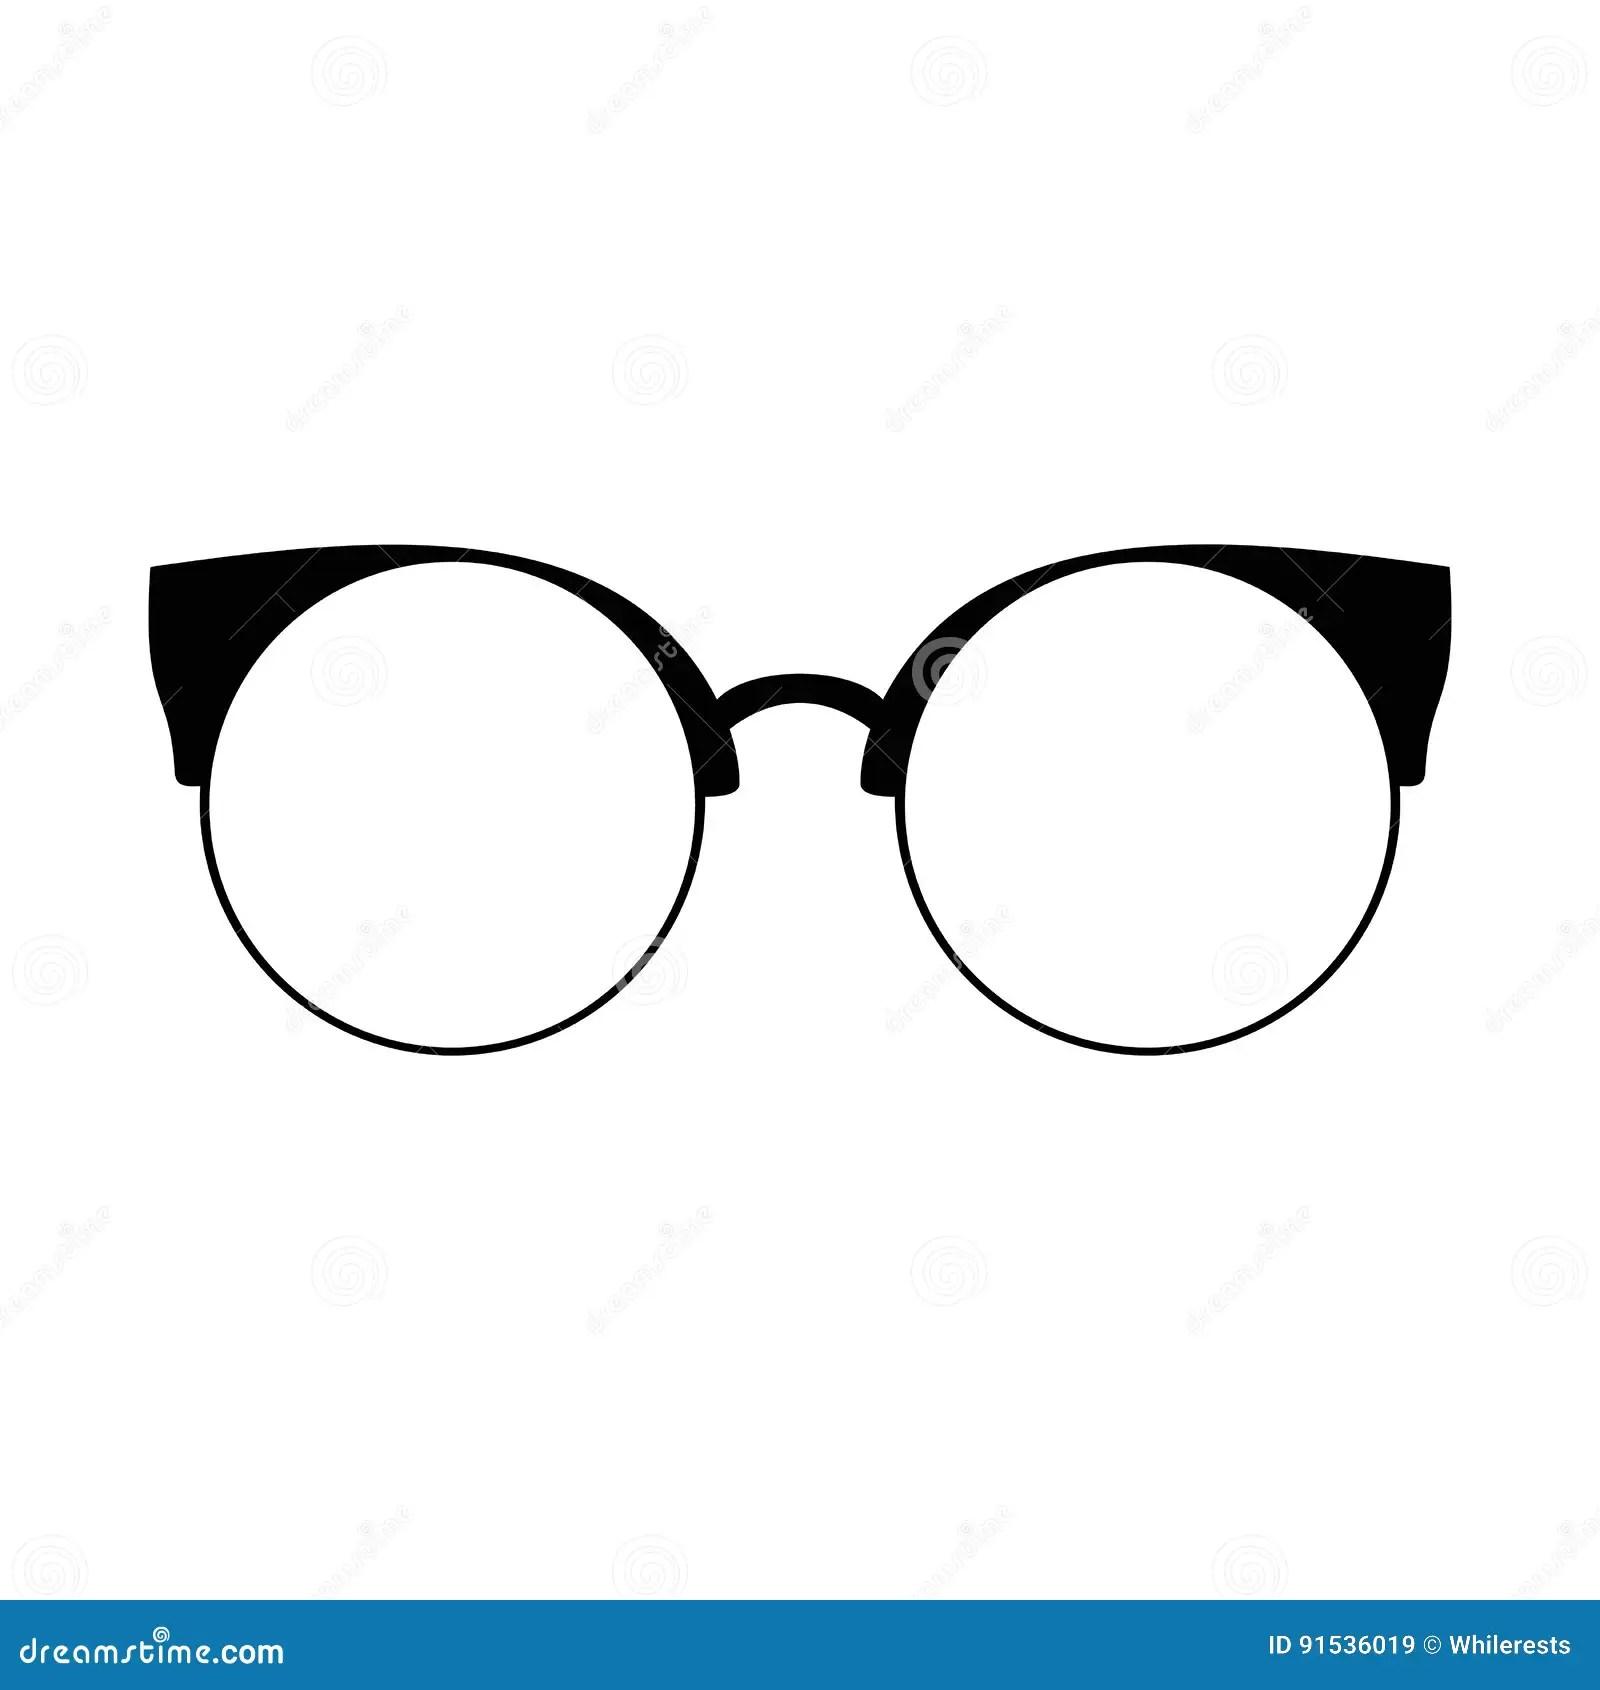 Retro Glasses Sunglasses Black Silhouettes Eye Glasses